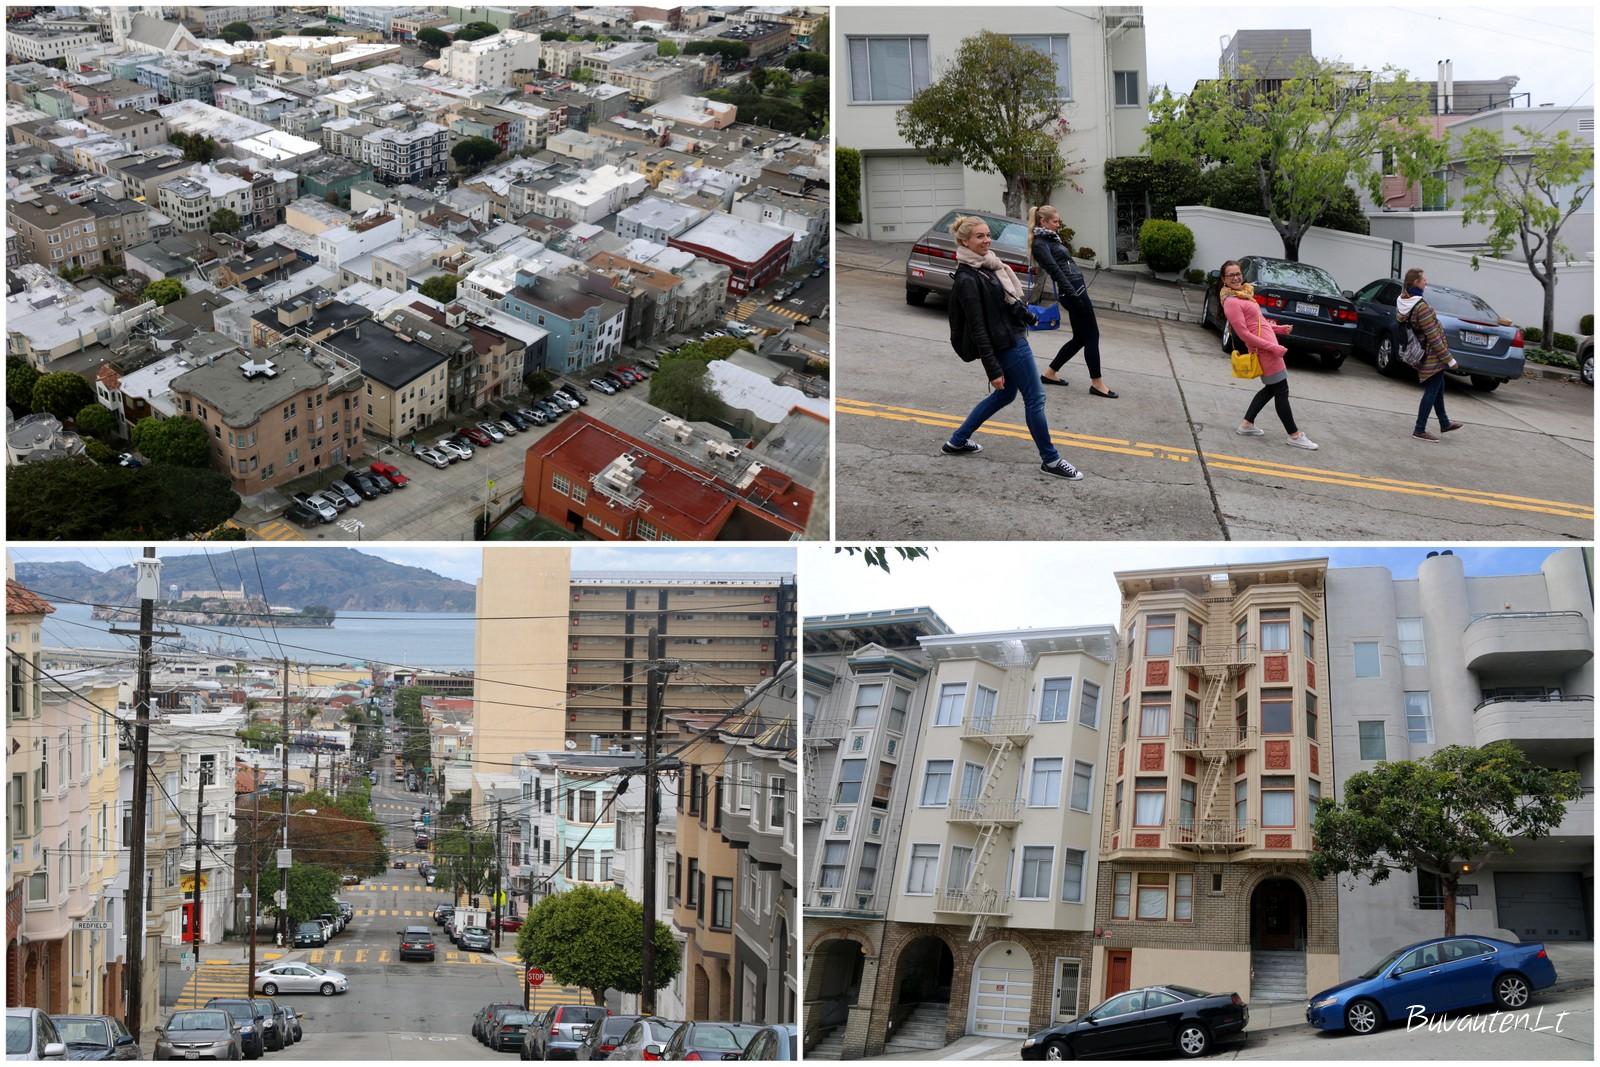 San Franciske – tik į kalną arba į pakalnę